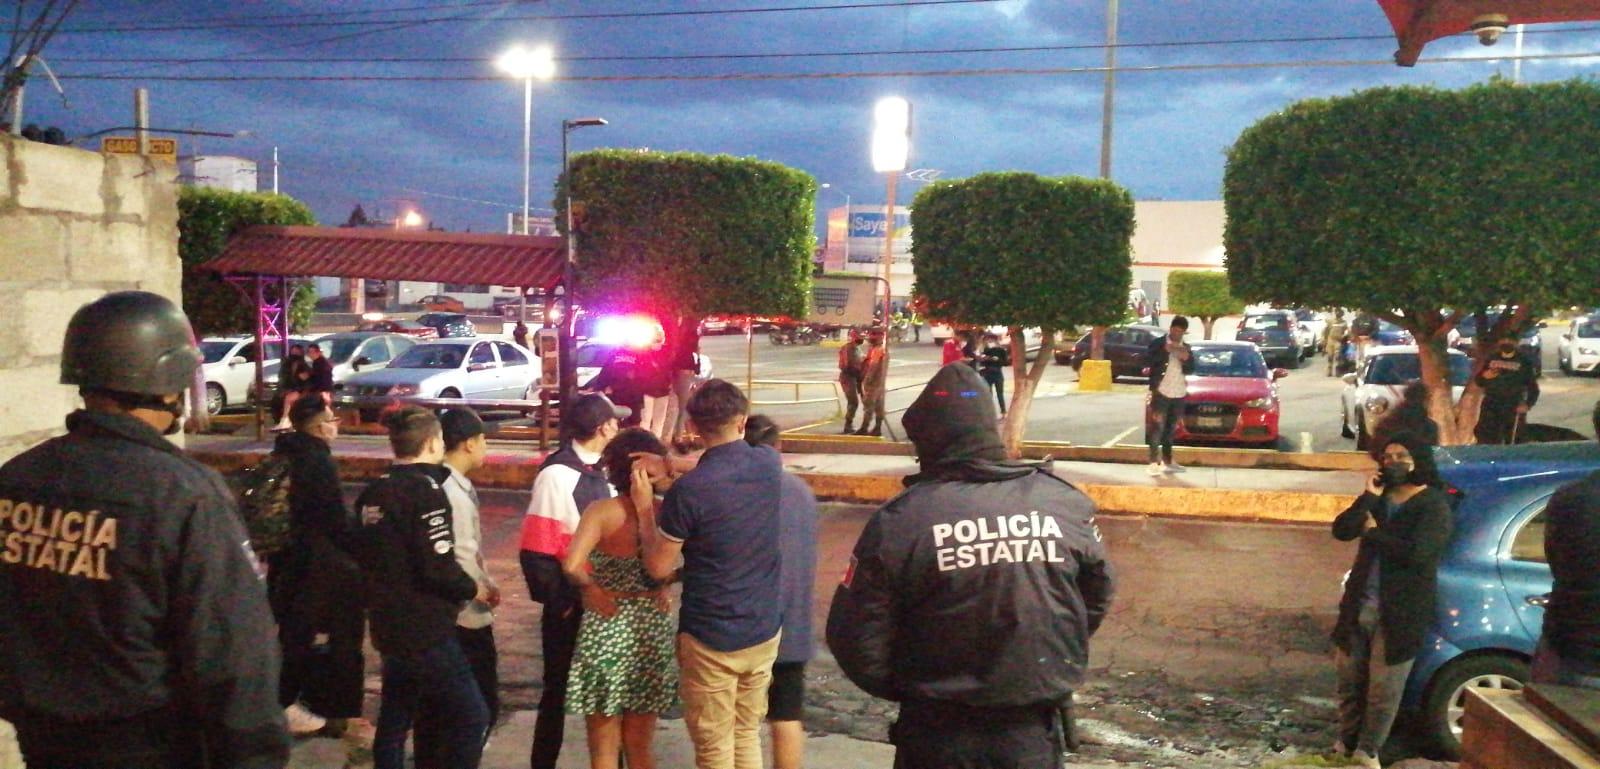 Desde Tlaxcala: Autoridades terminan fiesta que incumplió medidas sanitarias